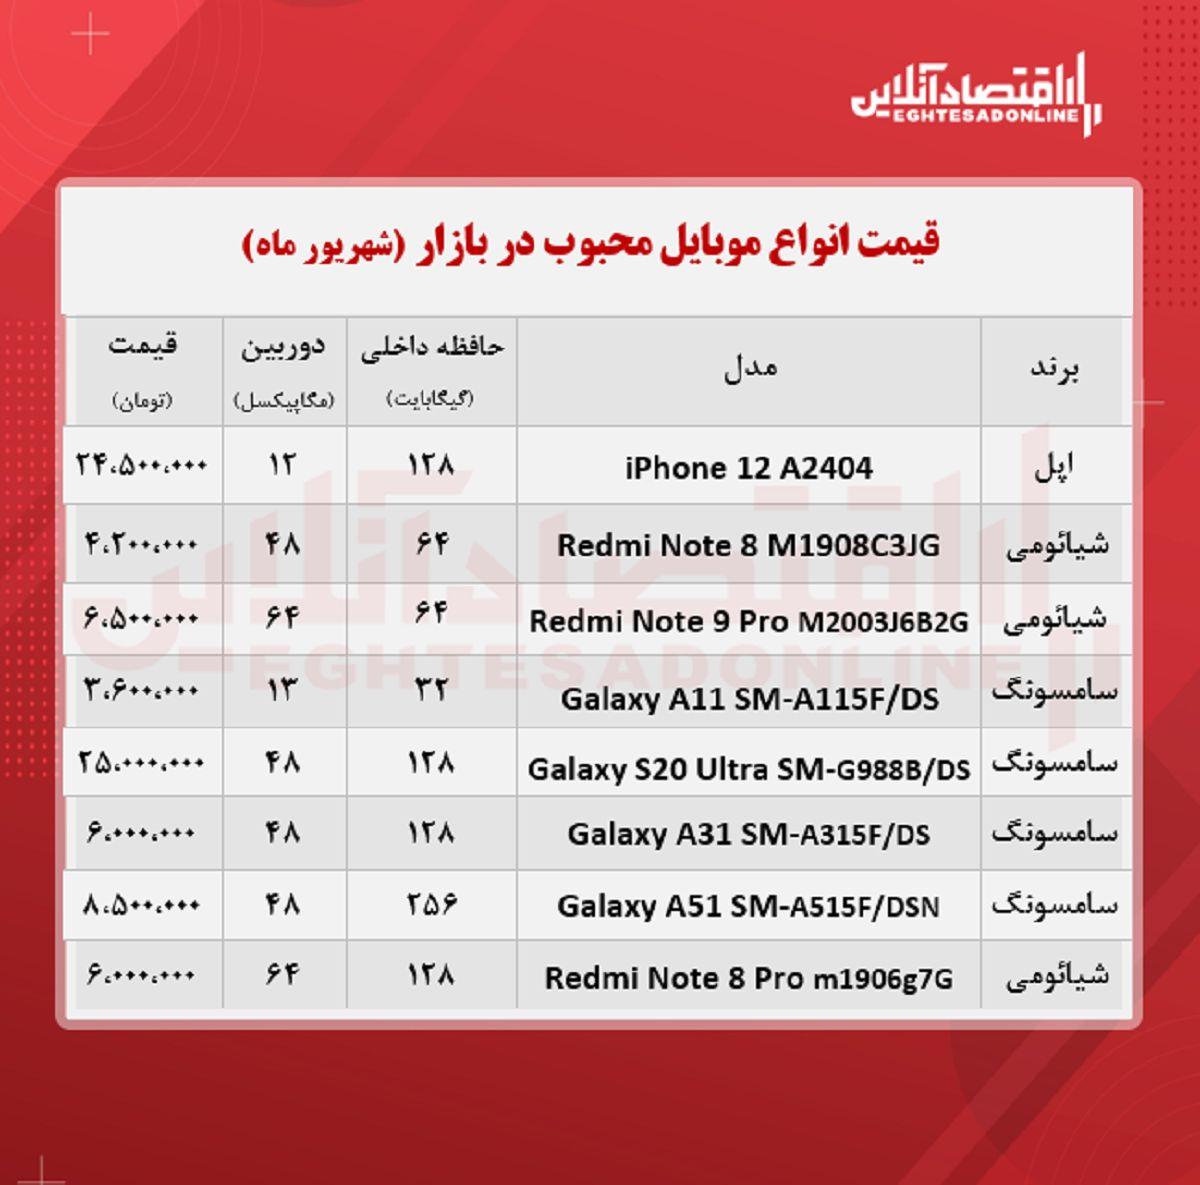 قیمت محبوب ترین گوشی های بازار / ۲۲شهریور